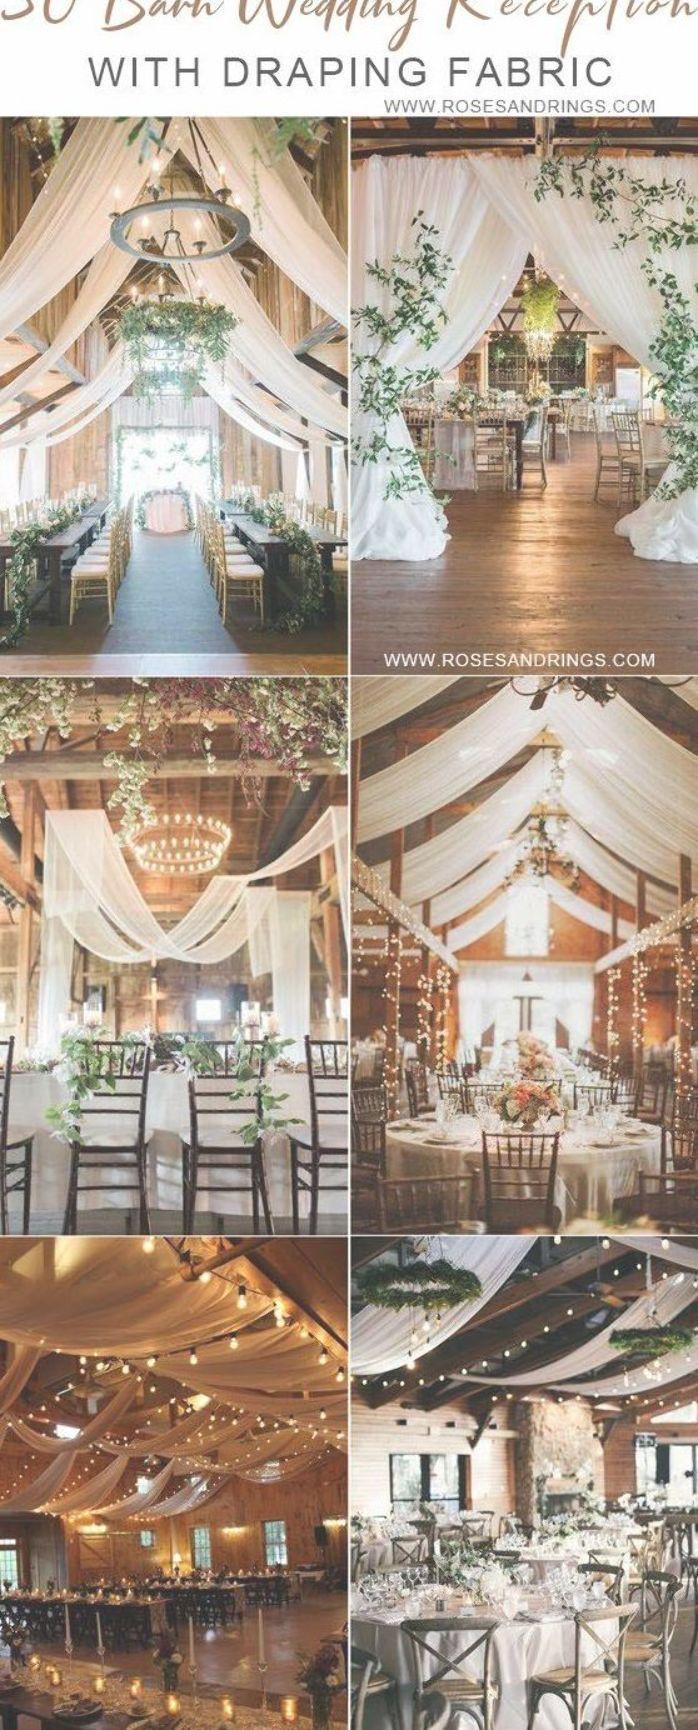 Ideen für eine Hochzeit in einer rustikalen Scheune – Hochzeitsfeier in einer Scheune mit drapiertem Stoff …   – rustic wedding ideas